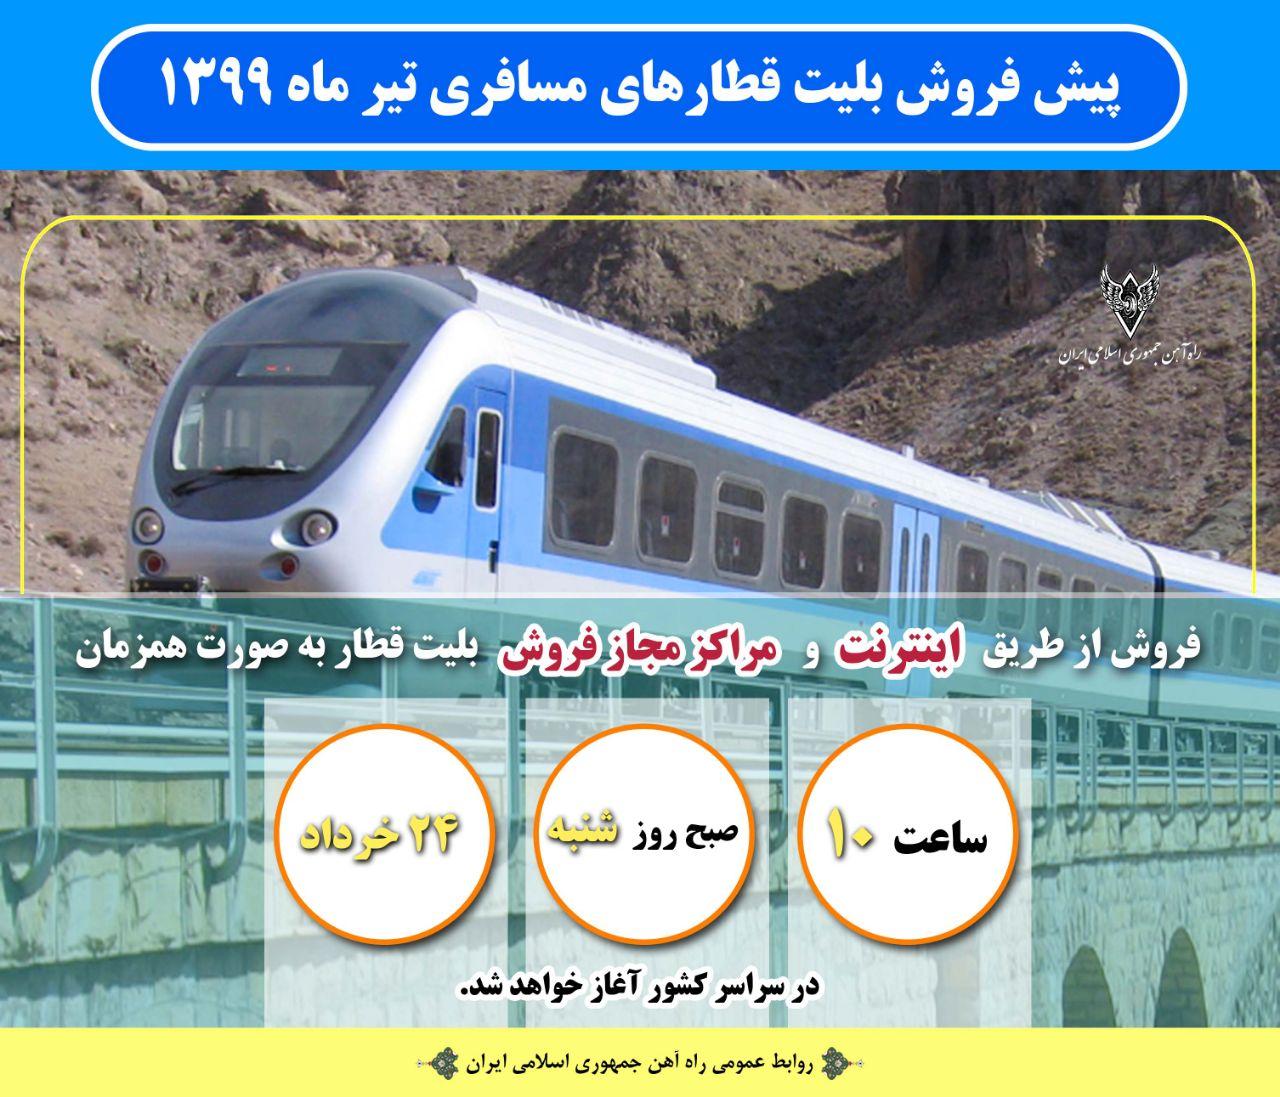 پیش فروش بلیت قطارهای مسافری ۲۴ خرداد ماه آغاز می شود